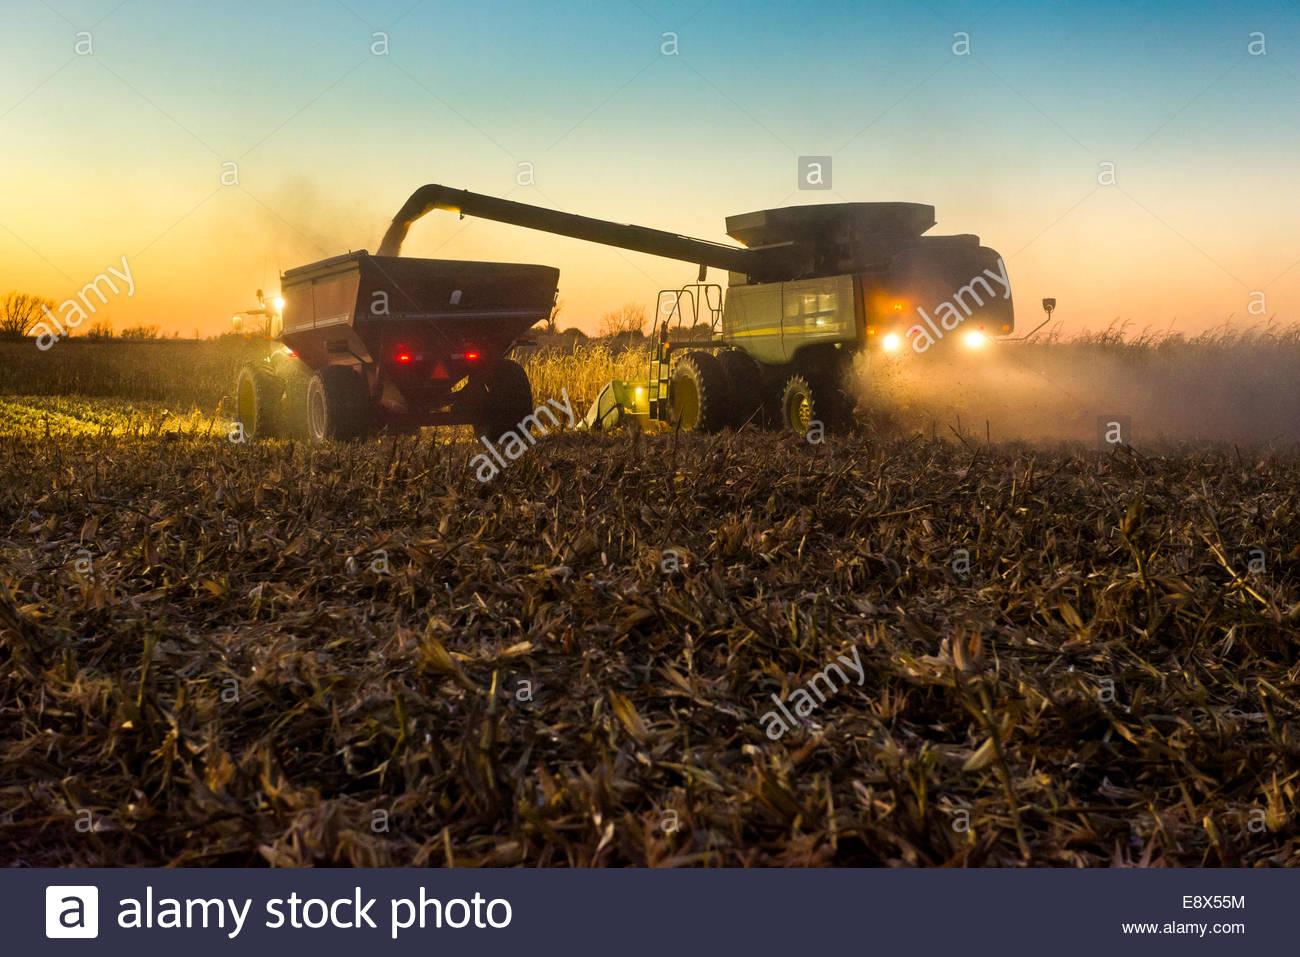 Un agricoltore coclee raccolte giallo mais granella da una mietitrebbia in un carro del grano durante la mietitura Immagini Stock